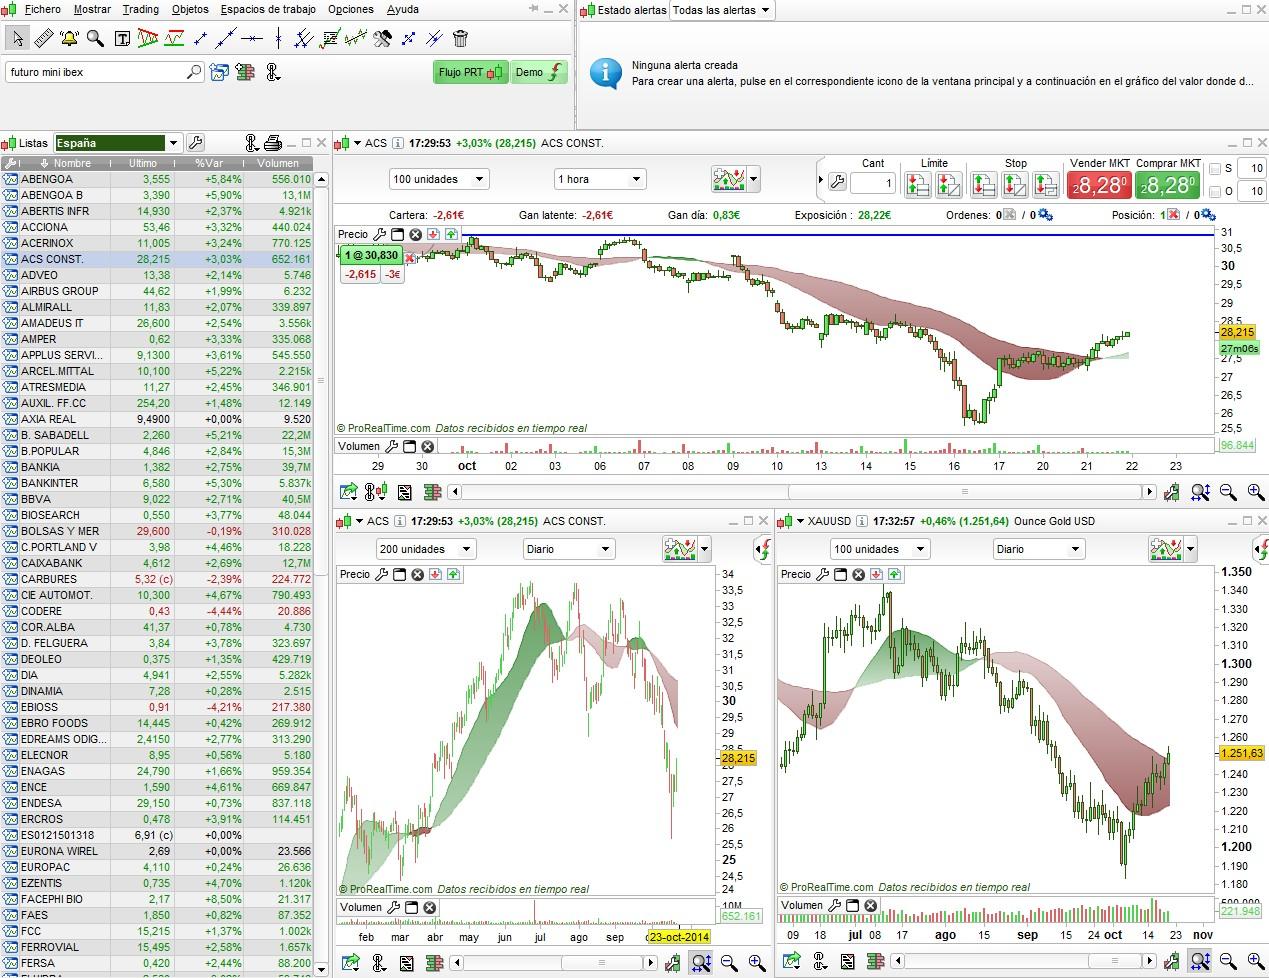 Plataforma Selfbank Prorealtime